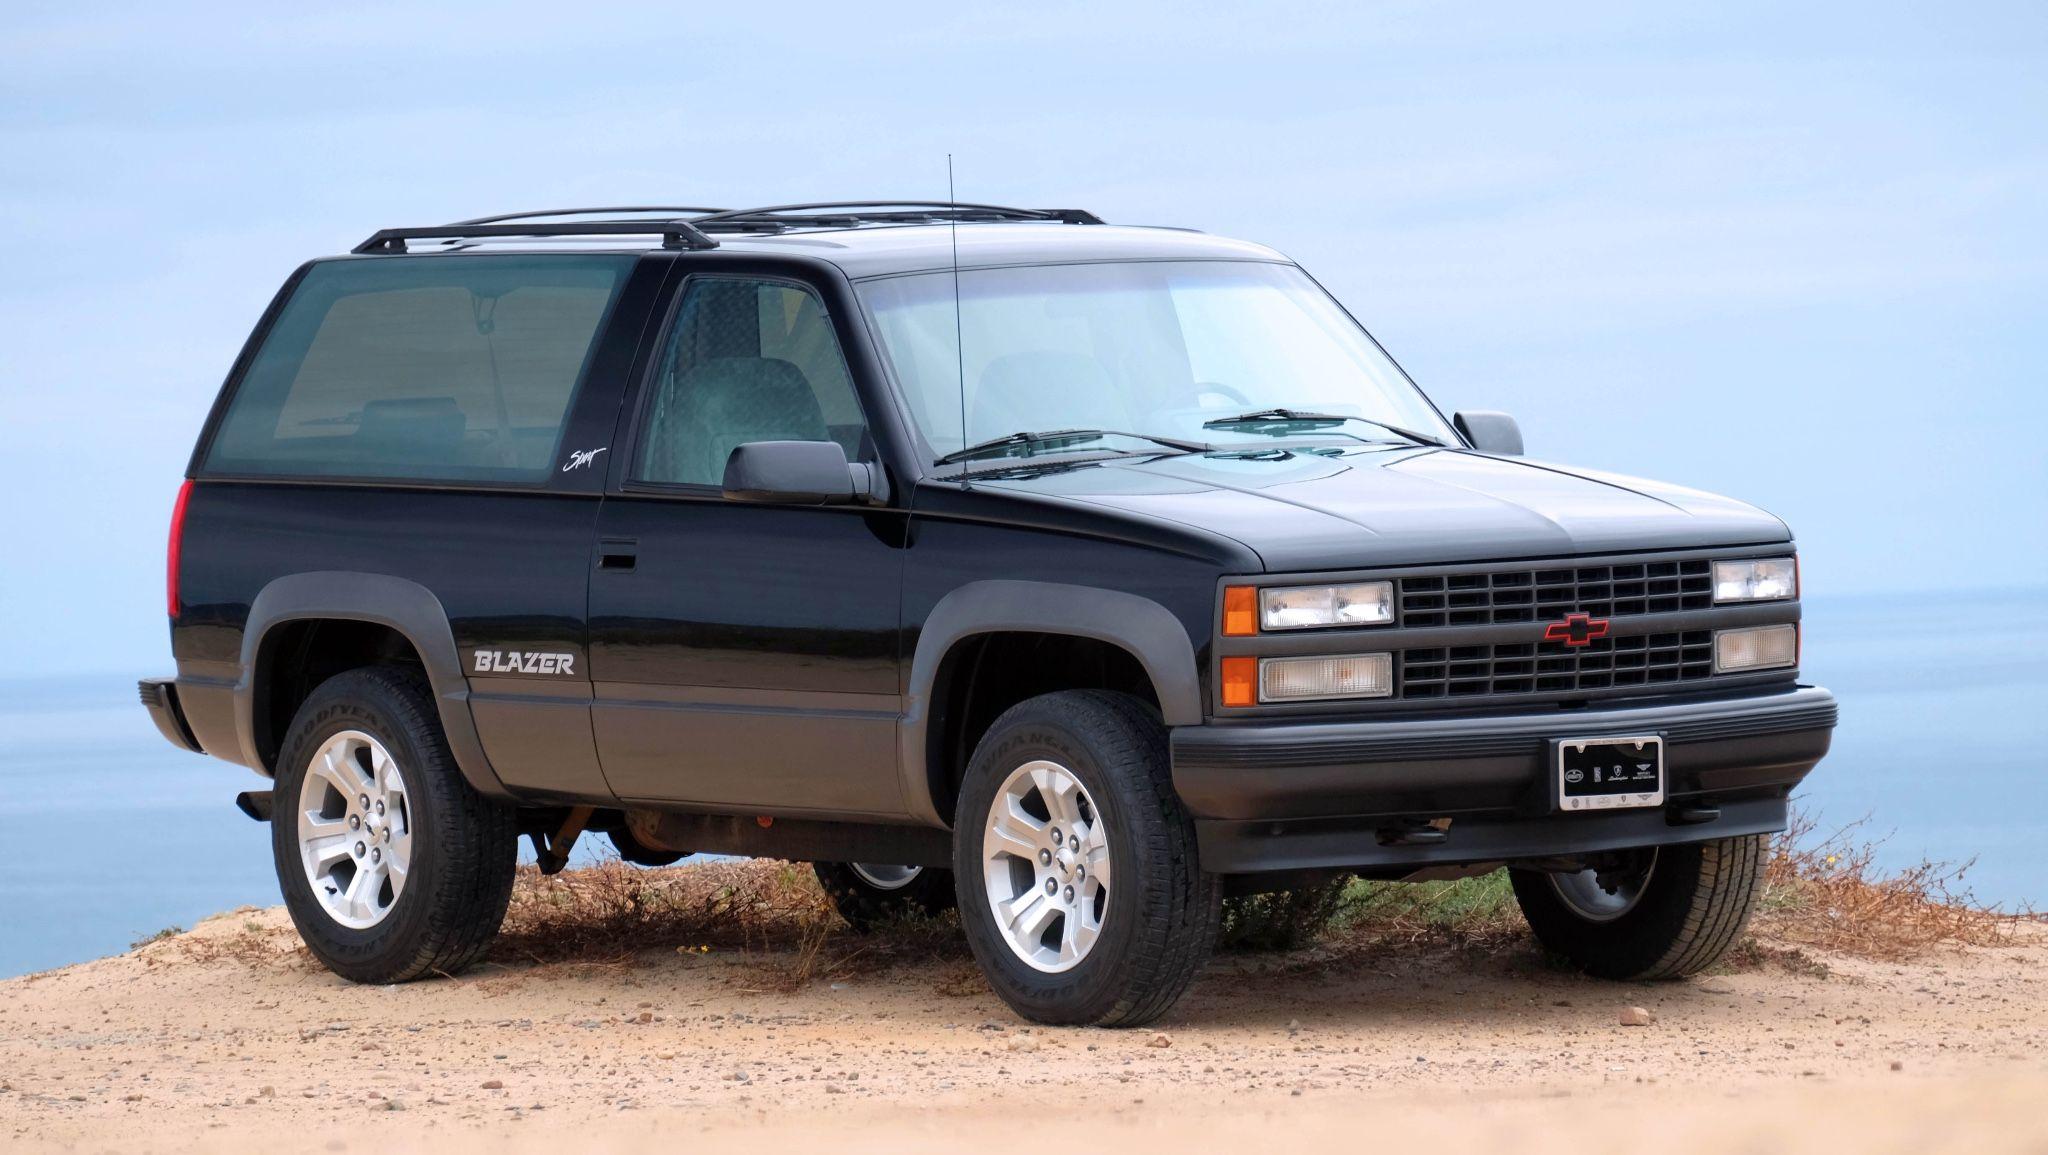 1993 Chevrolet Blazer 4x4 Sport Chevrolet Blazer Chevrolet Chevrolet Tahoe